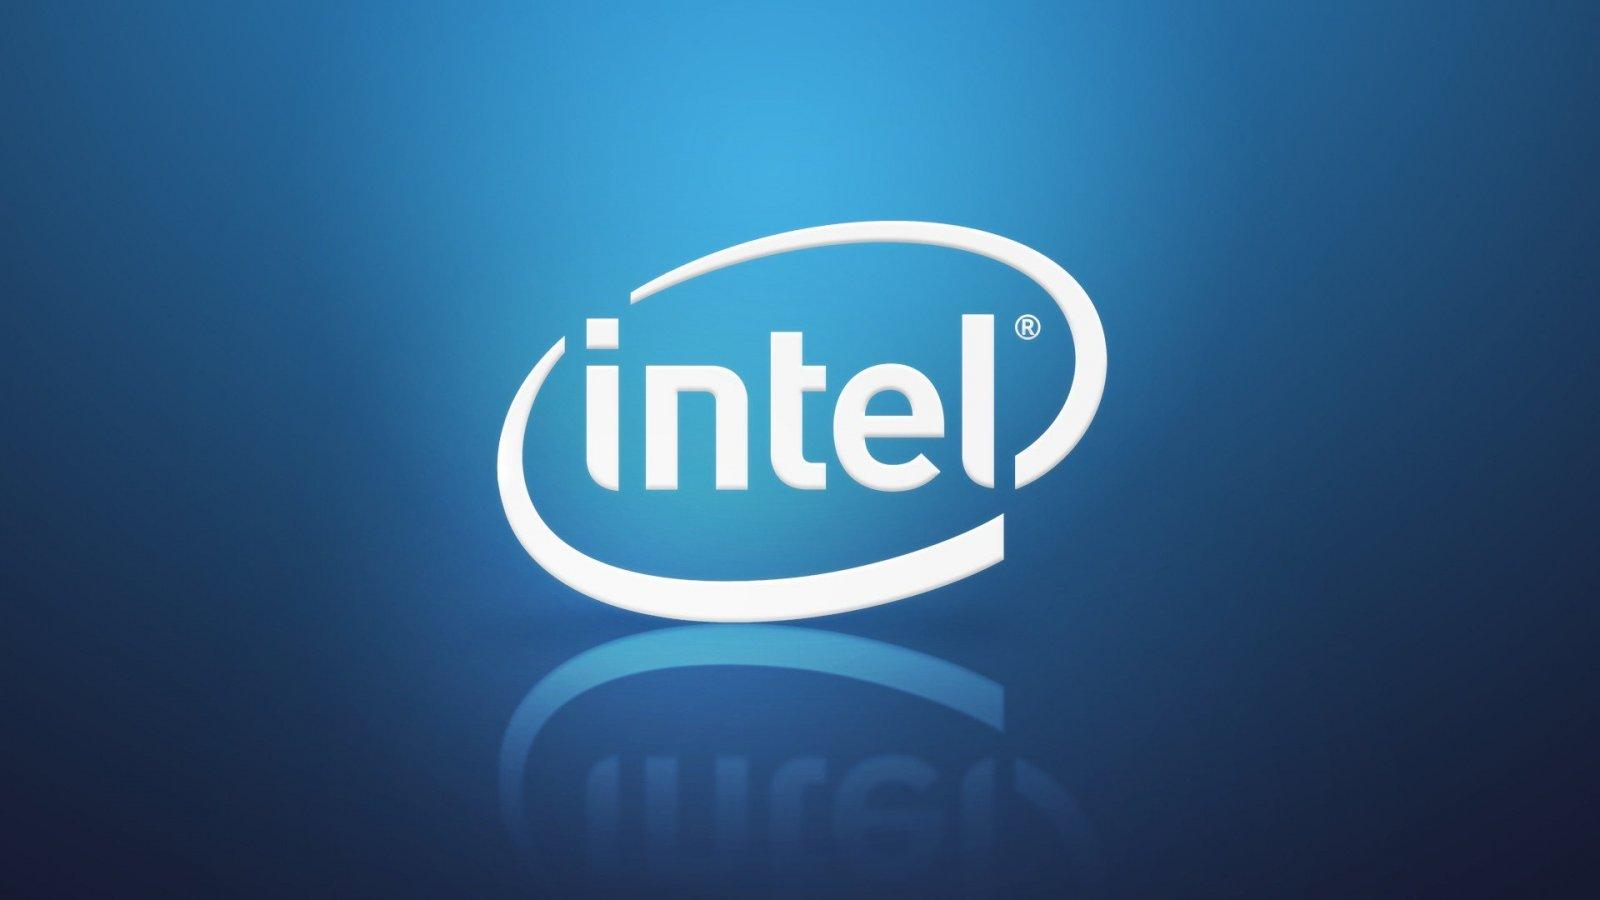 GridGain в сотрудничестве с Intel работает над реализацией поддержки энергонезависимой памяти Intel® Optane™ 200 серии и векторных вычислений